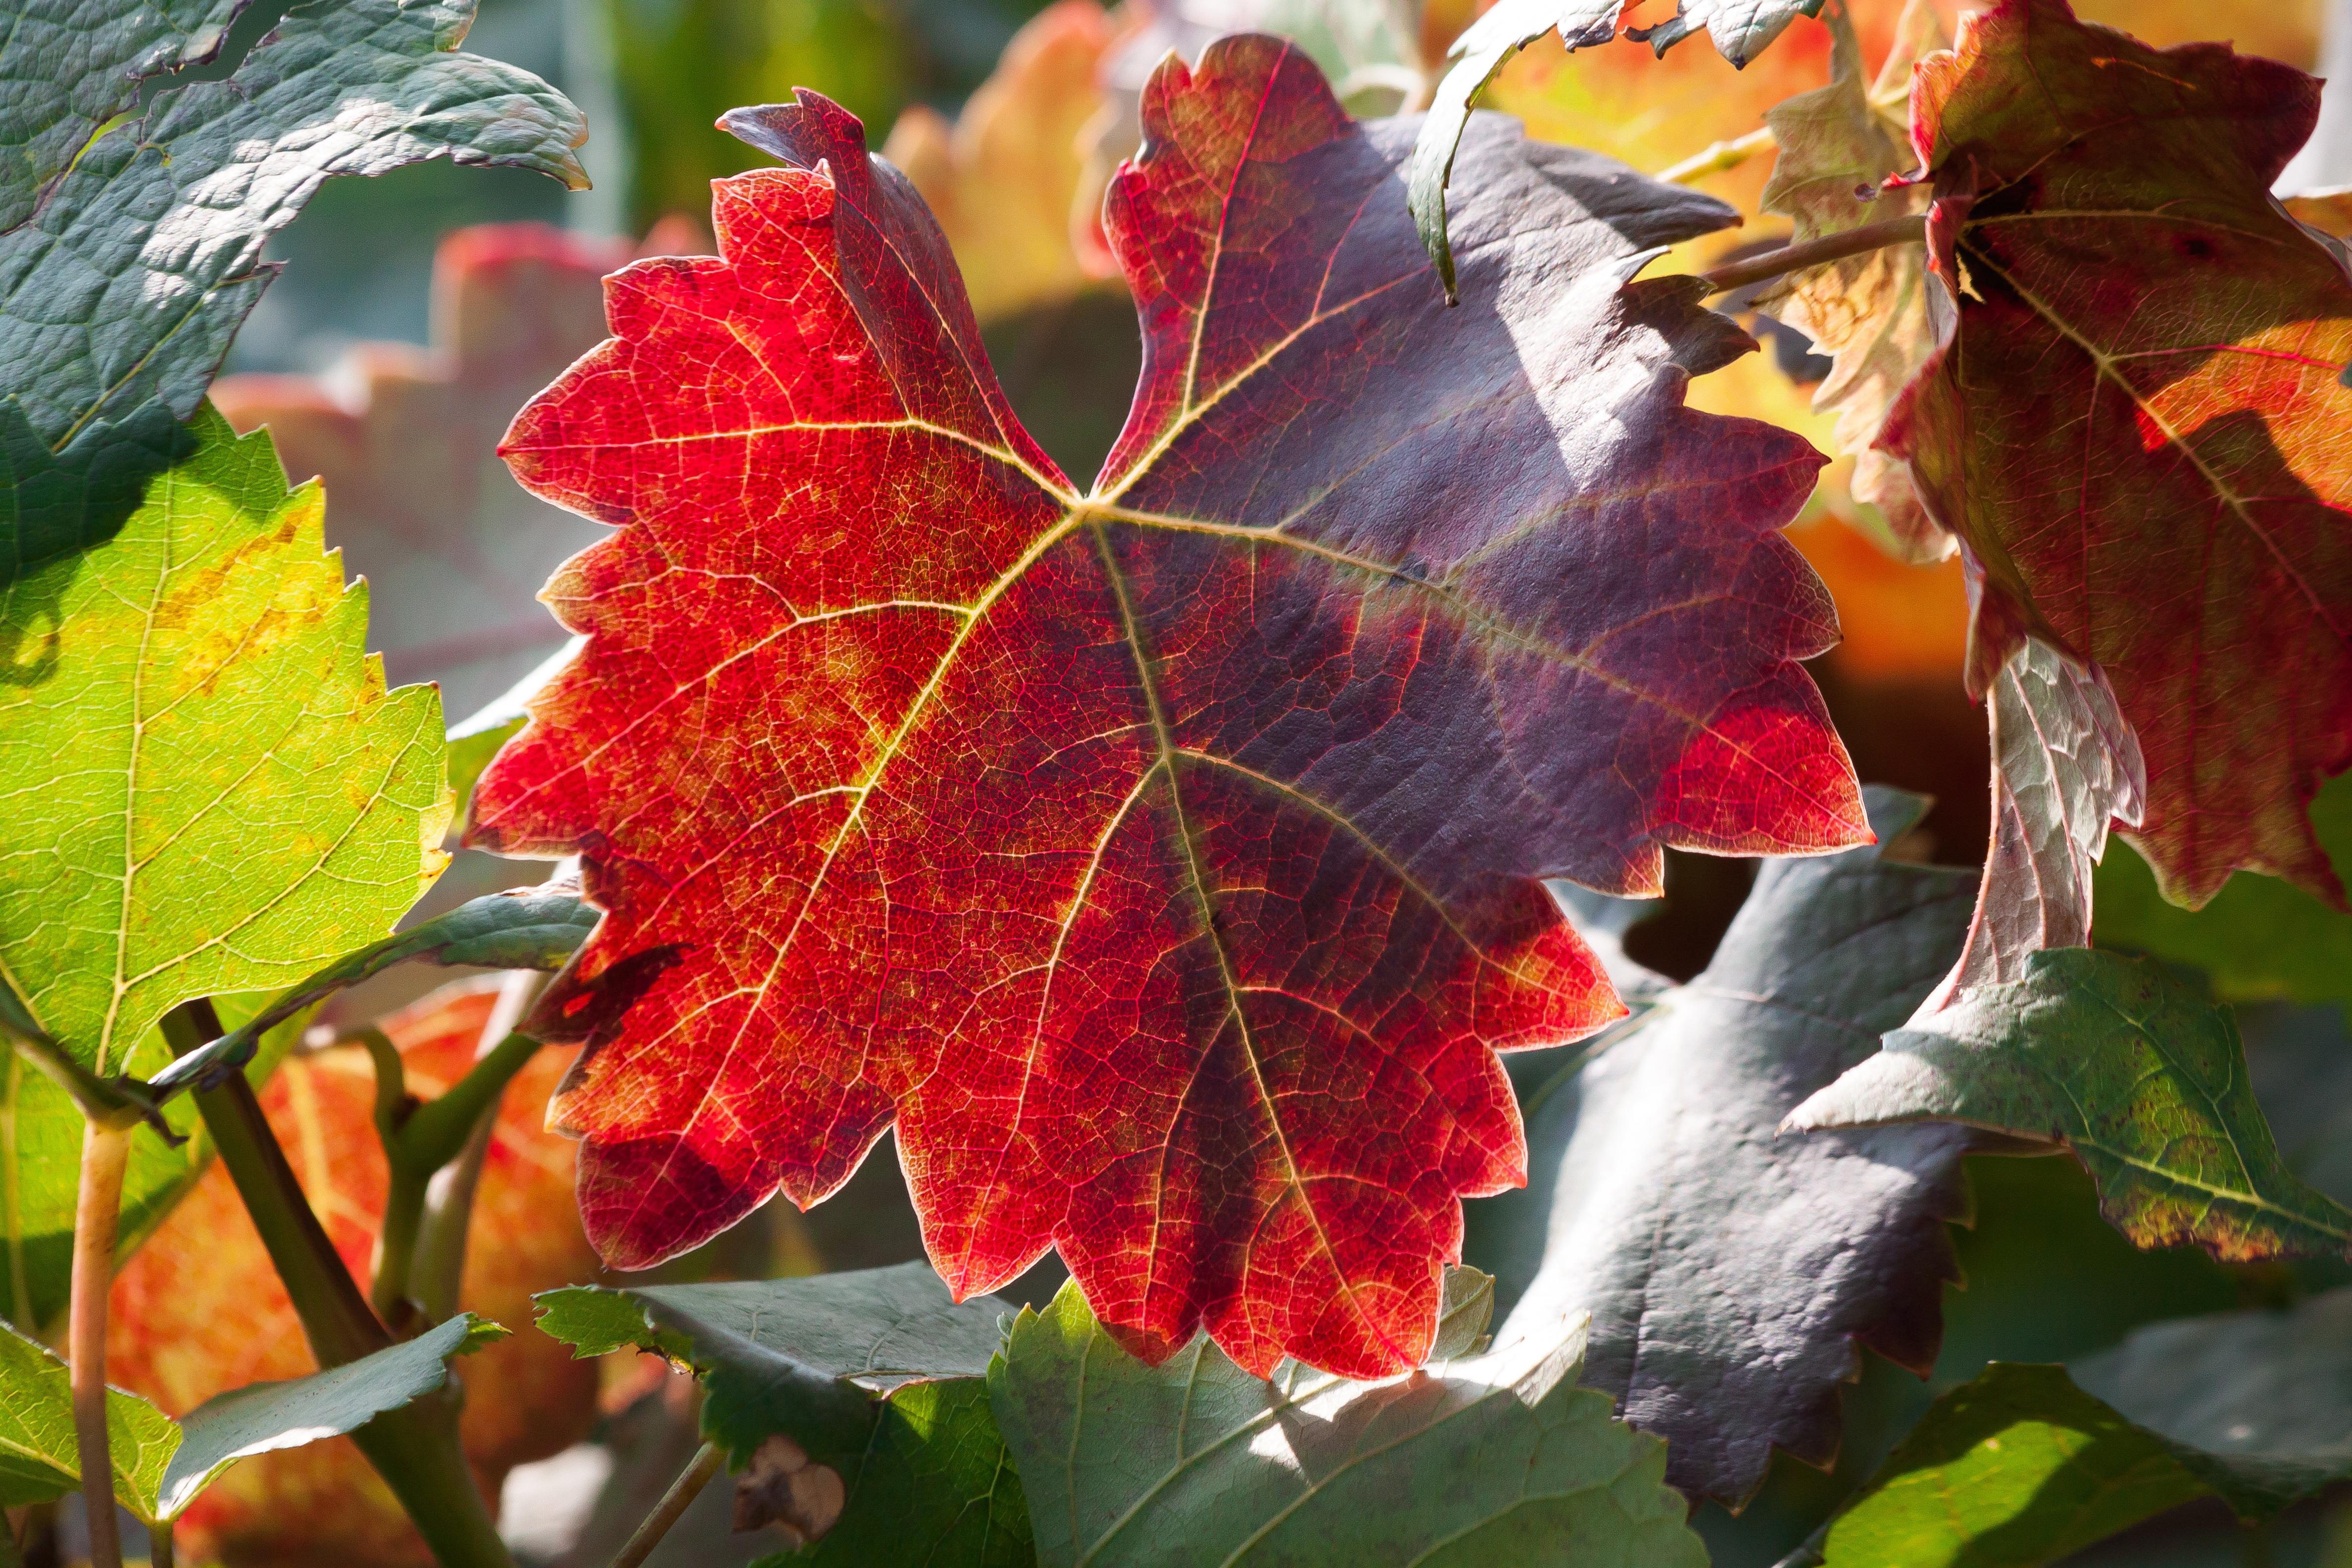 61539 Заставки и Обои Виноград на телефон. Скачать Лист, Природа, Осень, Виноград, Ветки картинки бесплатно